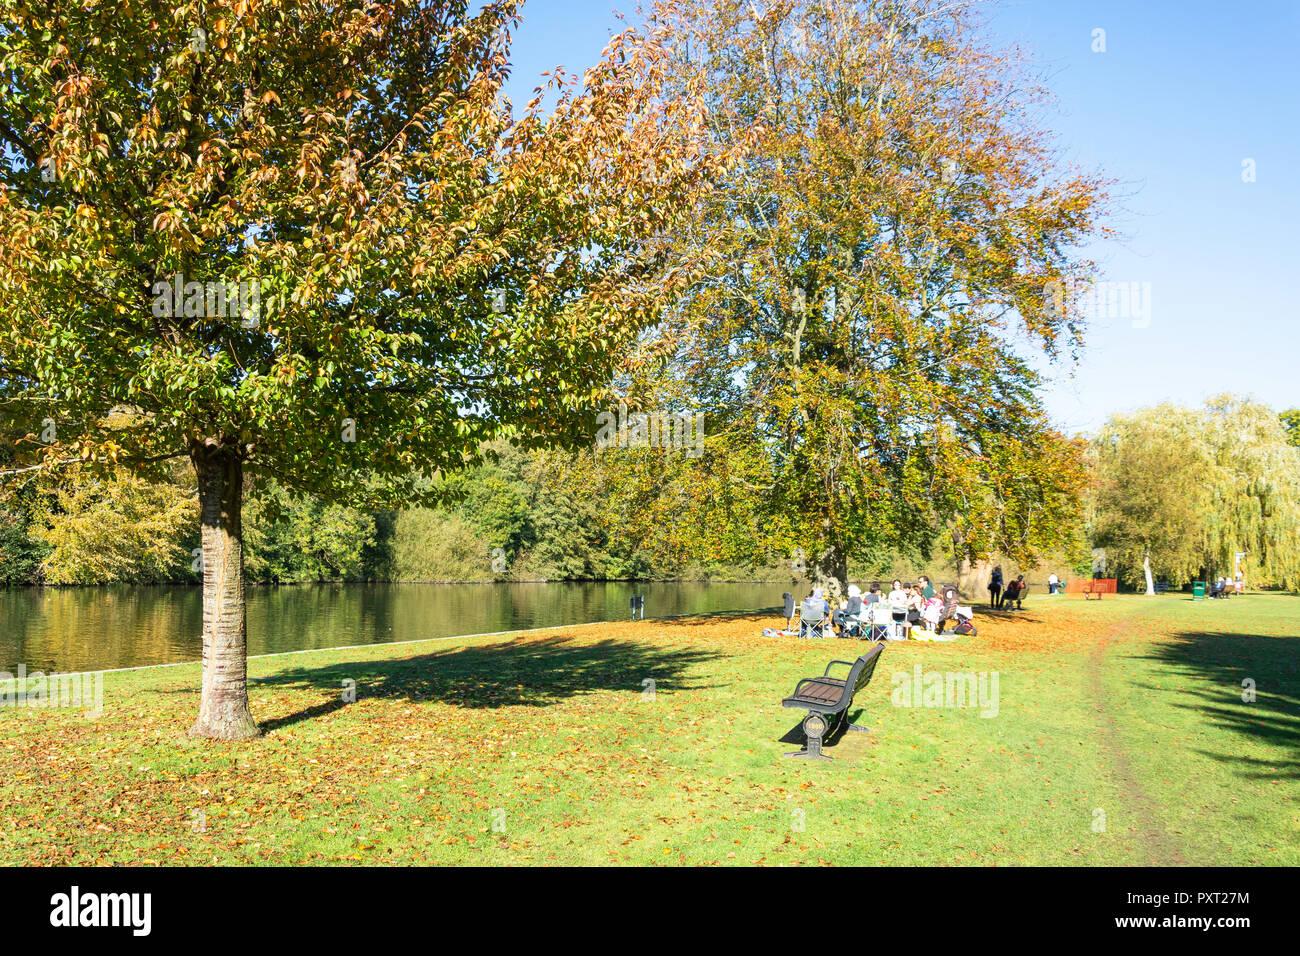 Río Támesis en Runnymede placer Tierra, Runnymede, Surrey, Inglaterra, Reino Unido Imagen De Stock